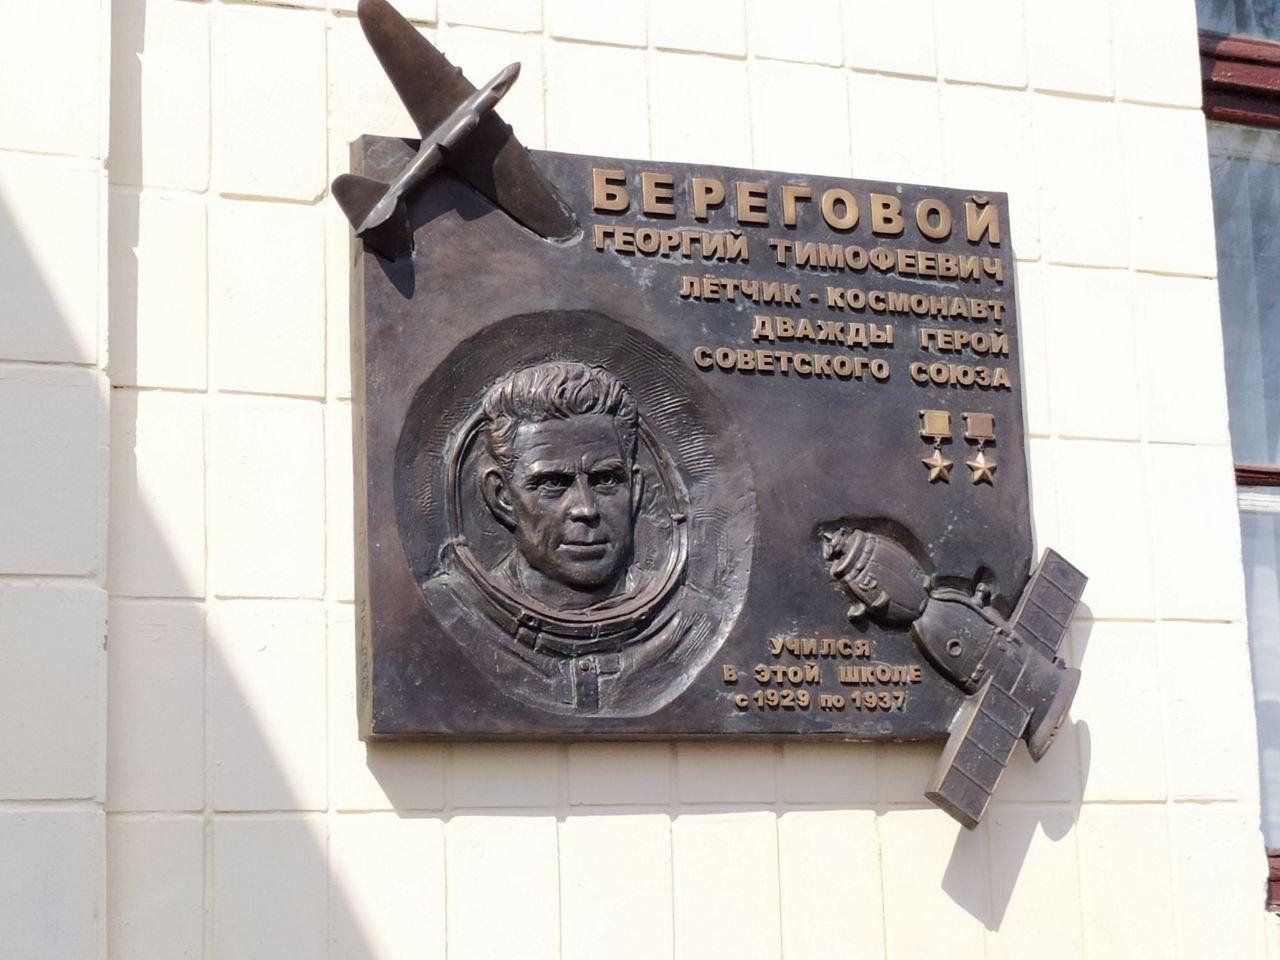 В торжественных мероприятиях принял участие сын героя, Виктор Береговой, а также глава Донецкой Народной Республики Денис Пушилин